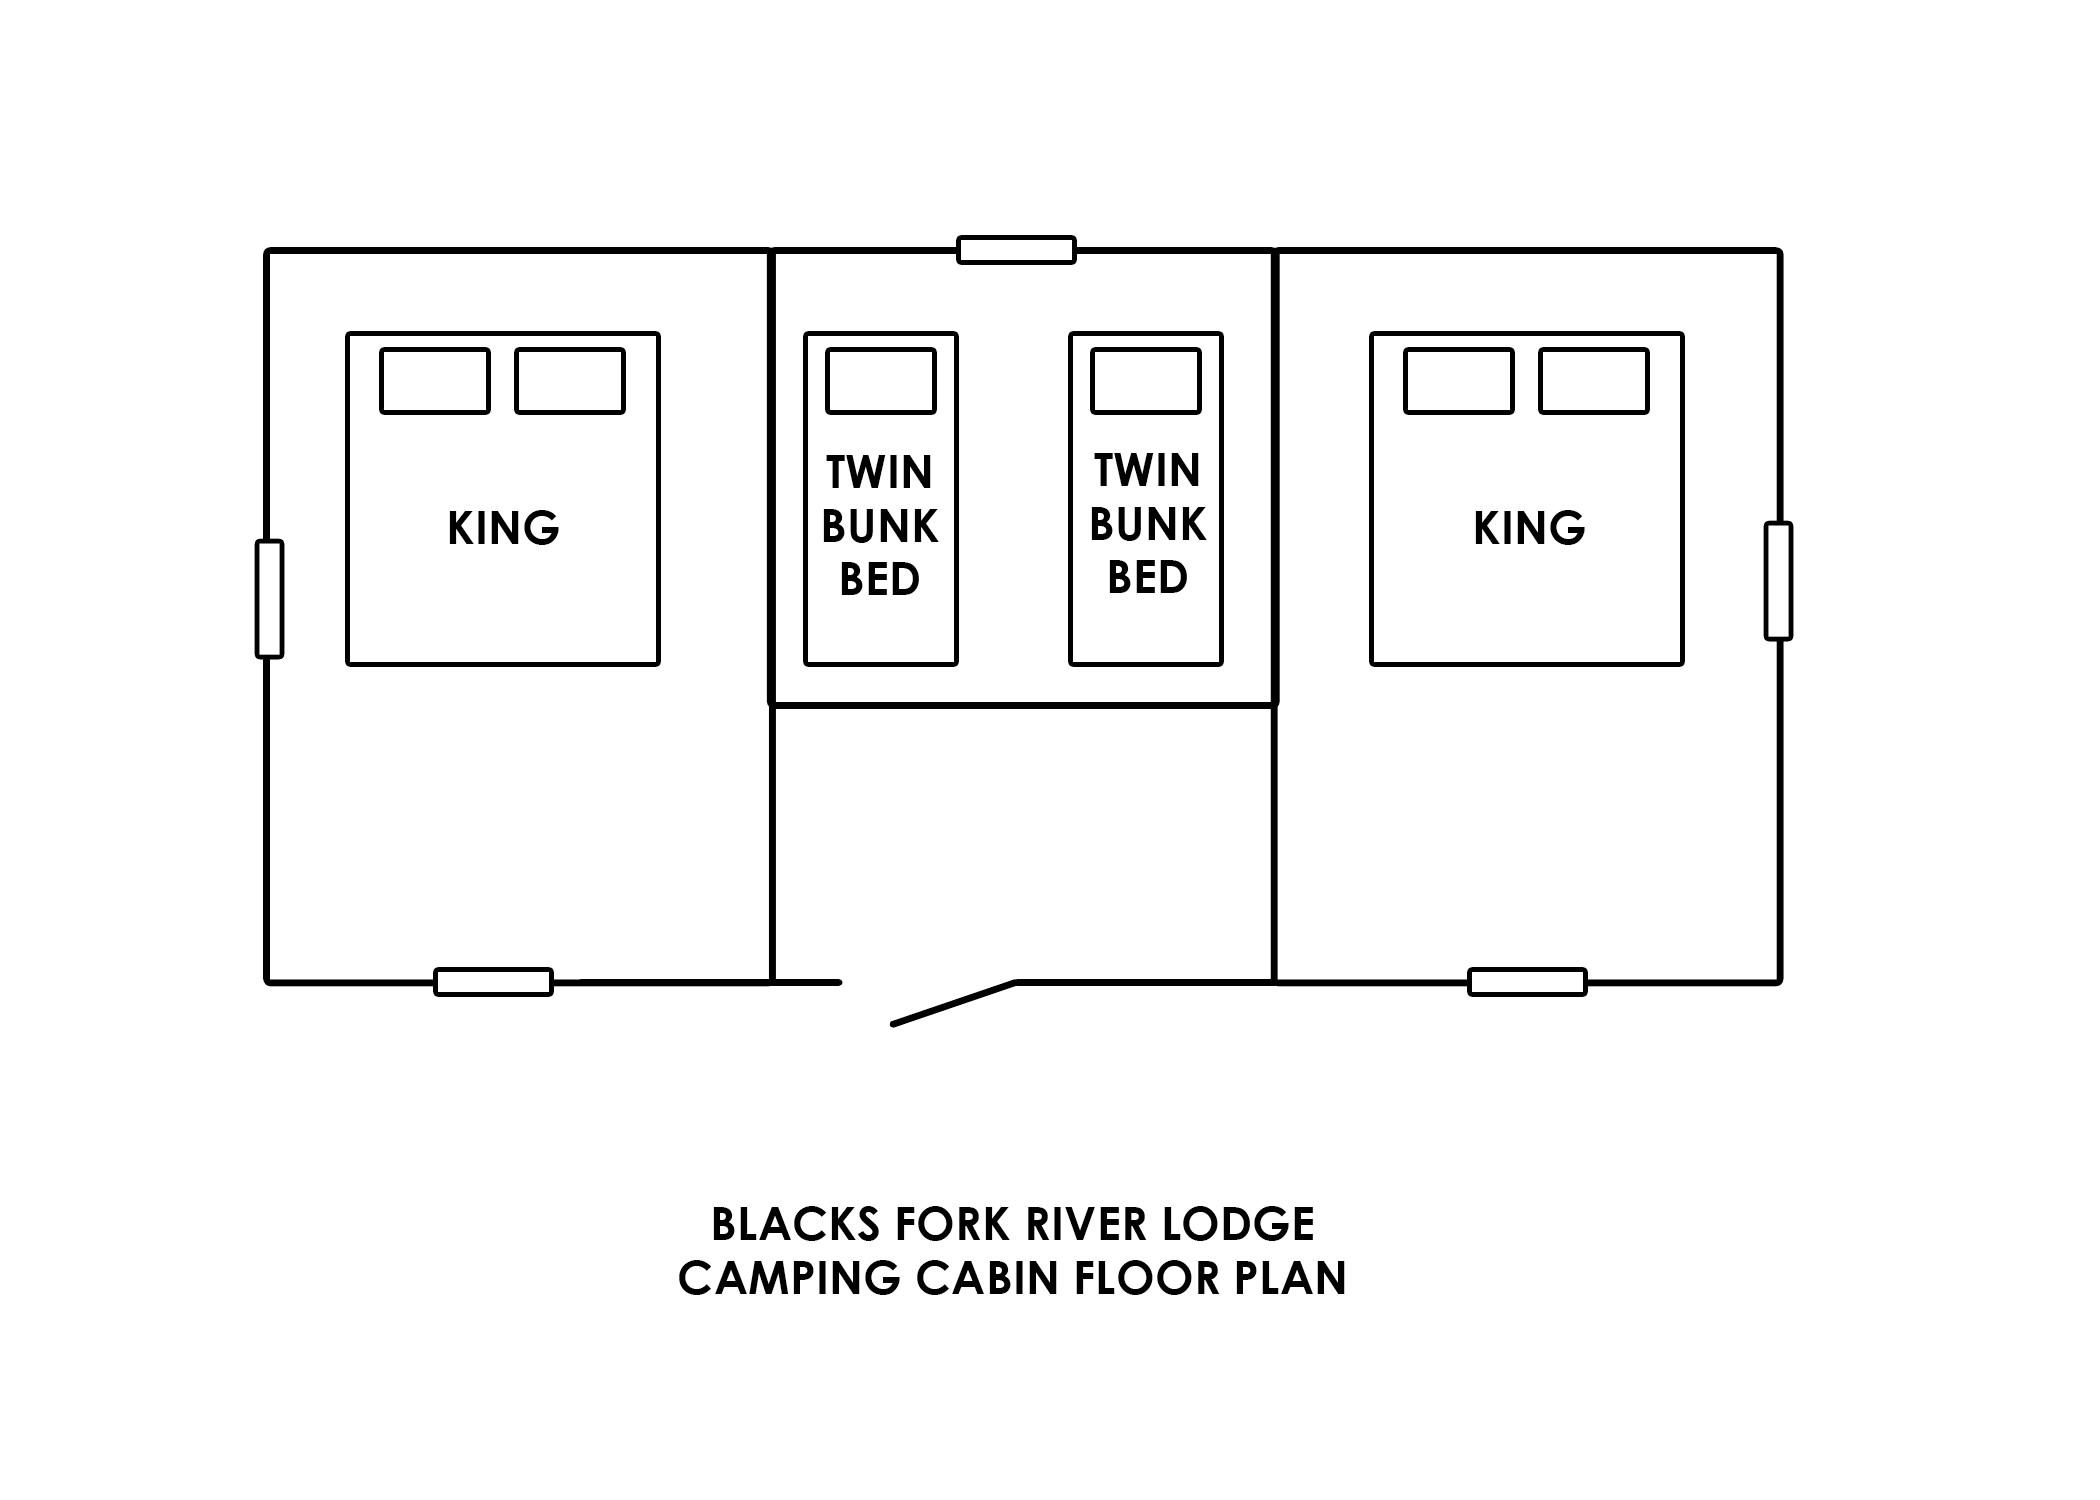 Blacks Fork River Lodge Cabins Floor Plan